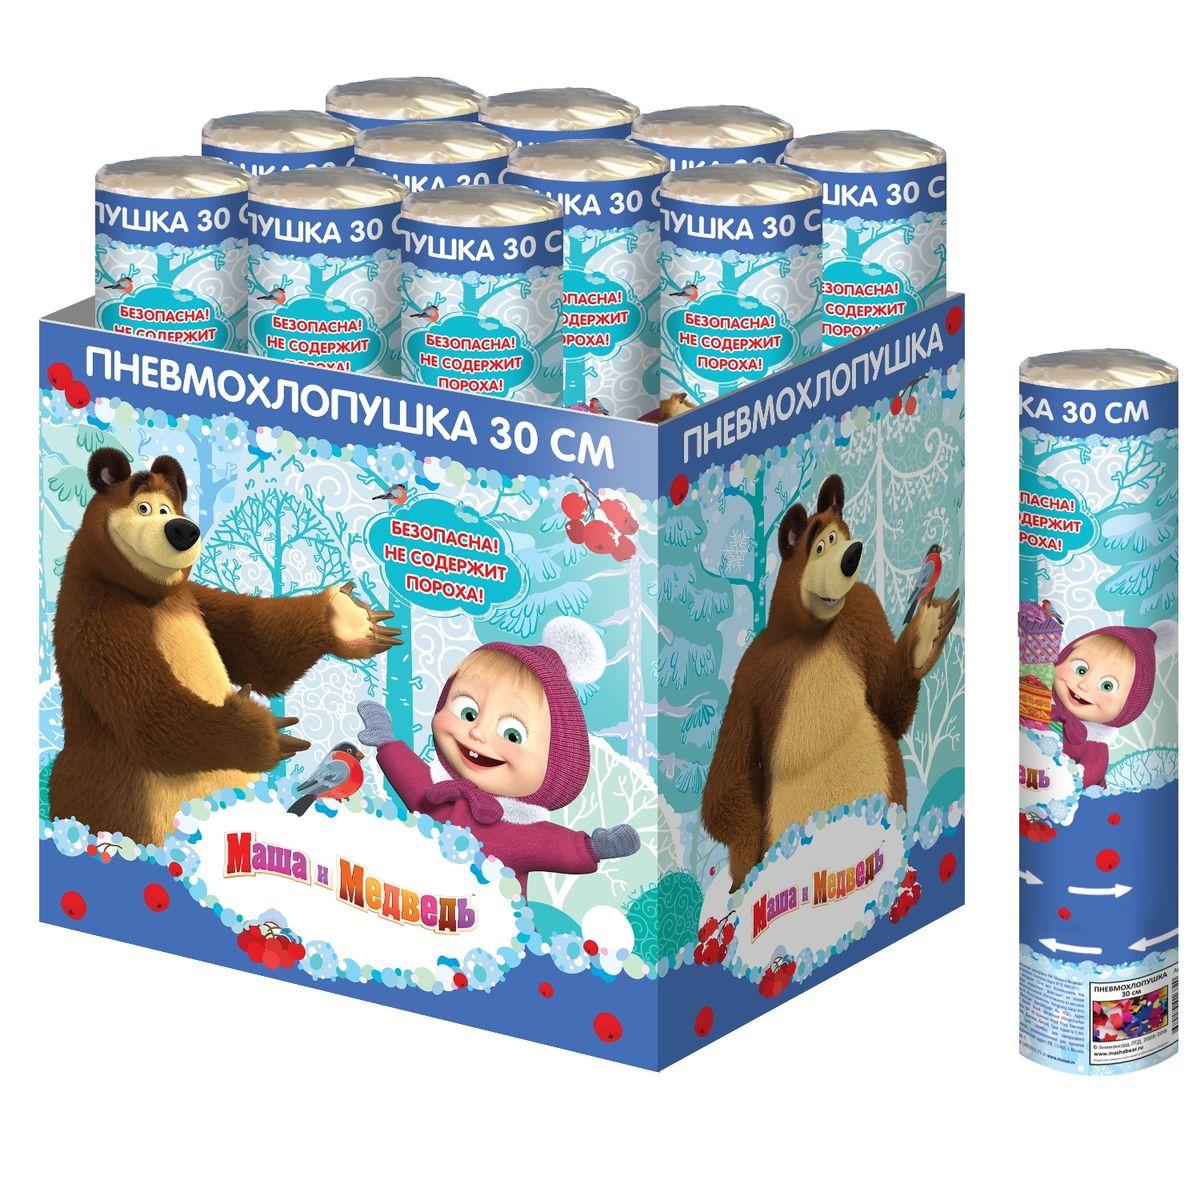 Маша и Медведь Хлопушка 30 см28291Любой детский праздник станет ярче и веселее, когда раздастся знакомый хлопок и на участников торжества посыплется разноцветный серпантин, а воздух засияет от переливающегося падающего конфетти. Восторг и радостный смех гостей - гарантированы! И для этого отлично подойдет хлопушка Маша и Медведь высотой 30 см, наполненная разноцветным серпантином и конфетти в виде звездочек. Изделие представляет собой металлическую тубу с бумажным и фольгированным наполнением, не содержит пороха, действует на основе сжатого воздуха, безопасно при использовании по назначению. Товар сертифицирован. Из данной серии вы также можете выбрать скатерть, стаканы, тарелки, язычки, колпаки, дудочки, подарочный набор посуды, приглашение в конверте, тиары и другие товары.